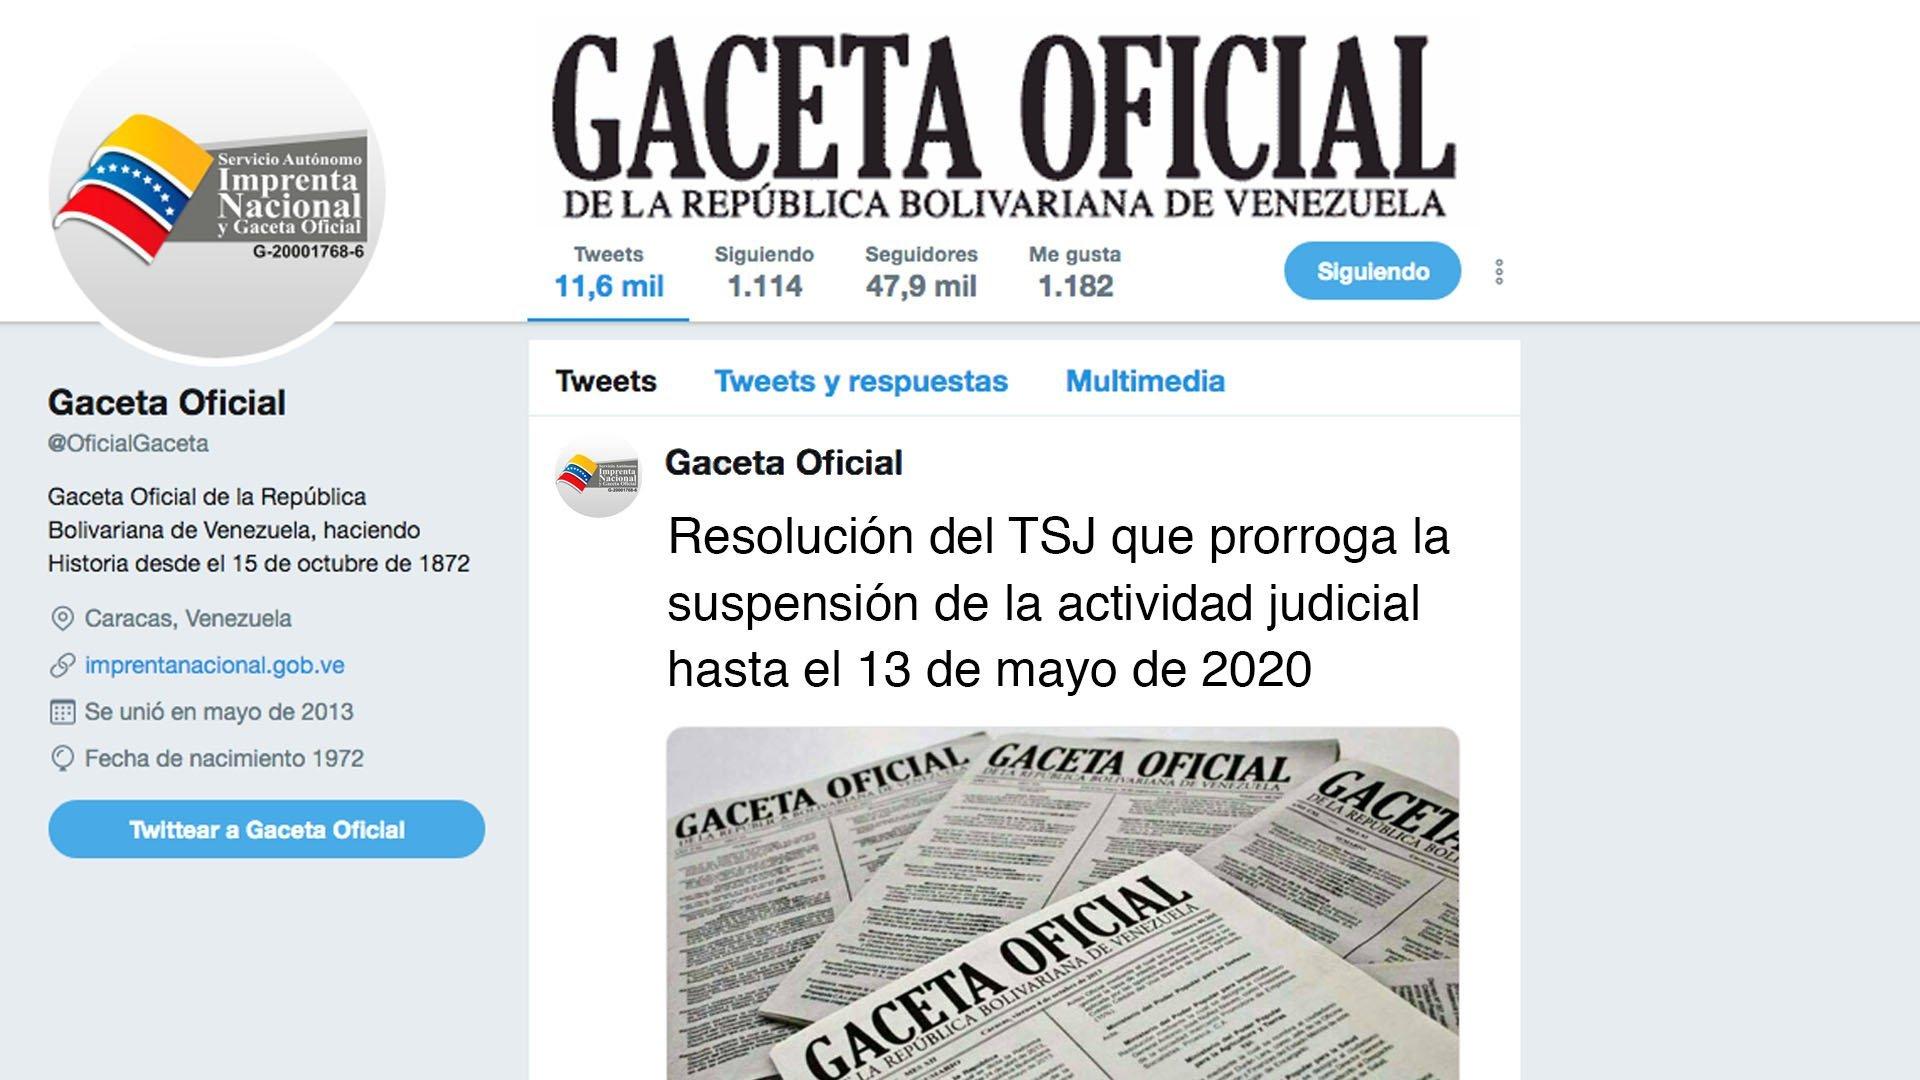 Resolución del TSJ que prorroga la suspensión de la actividad judicial hasta el 13 de mayo de 2020